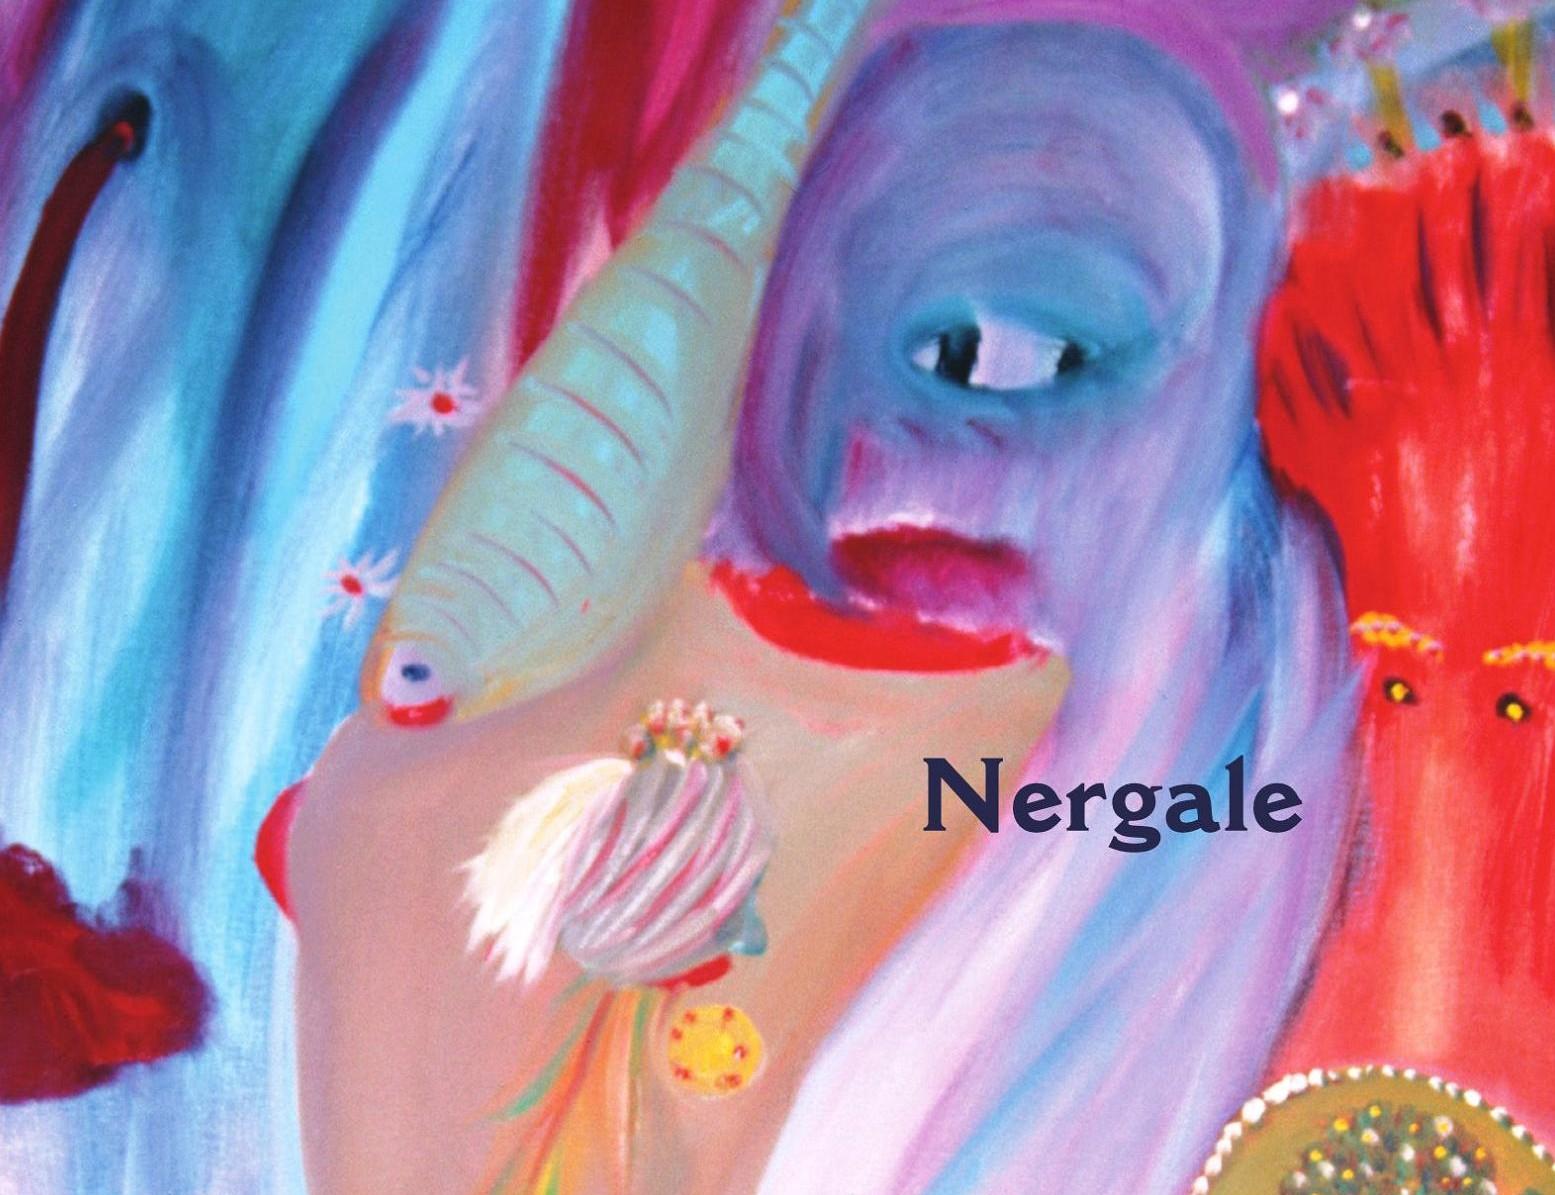 Nergale